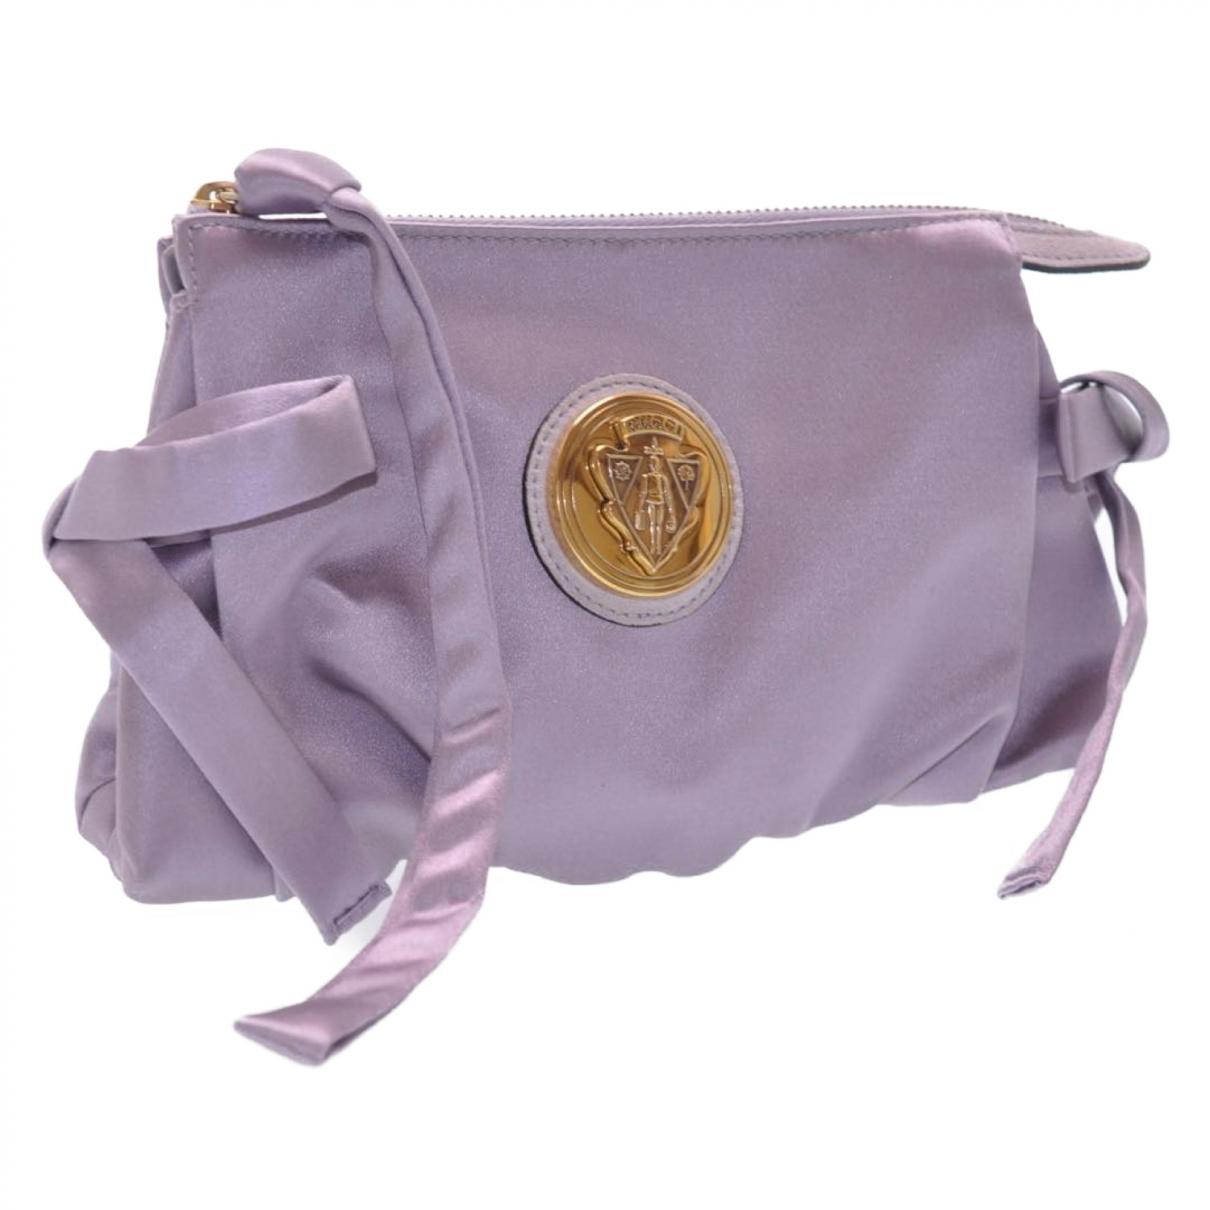 Gucci - Sac de voyage   pour femme en toile - violet